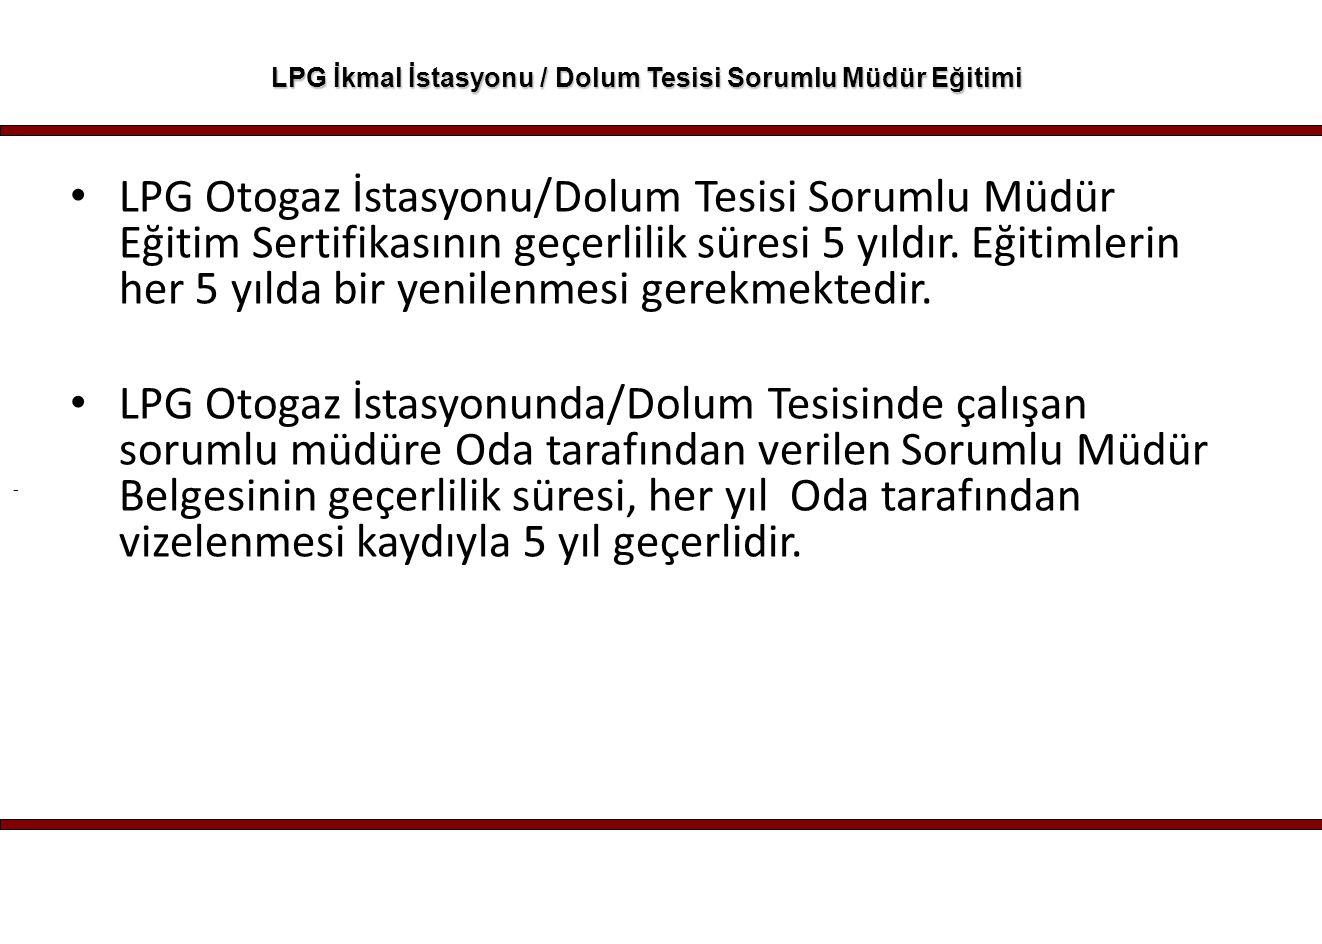 - LPG İkmal İstasyonu / Dolum Tesisi Sorumlu Müdür Eğitimi LPG Otogaz İstasyonu/Dolum Tesisi Sorumlu Müdür Eğitim Sertifikasının geçerlilik süresi 5 y